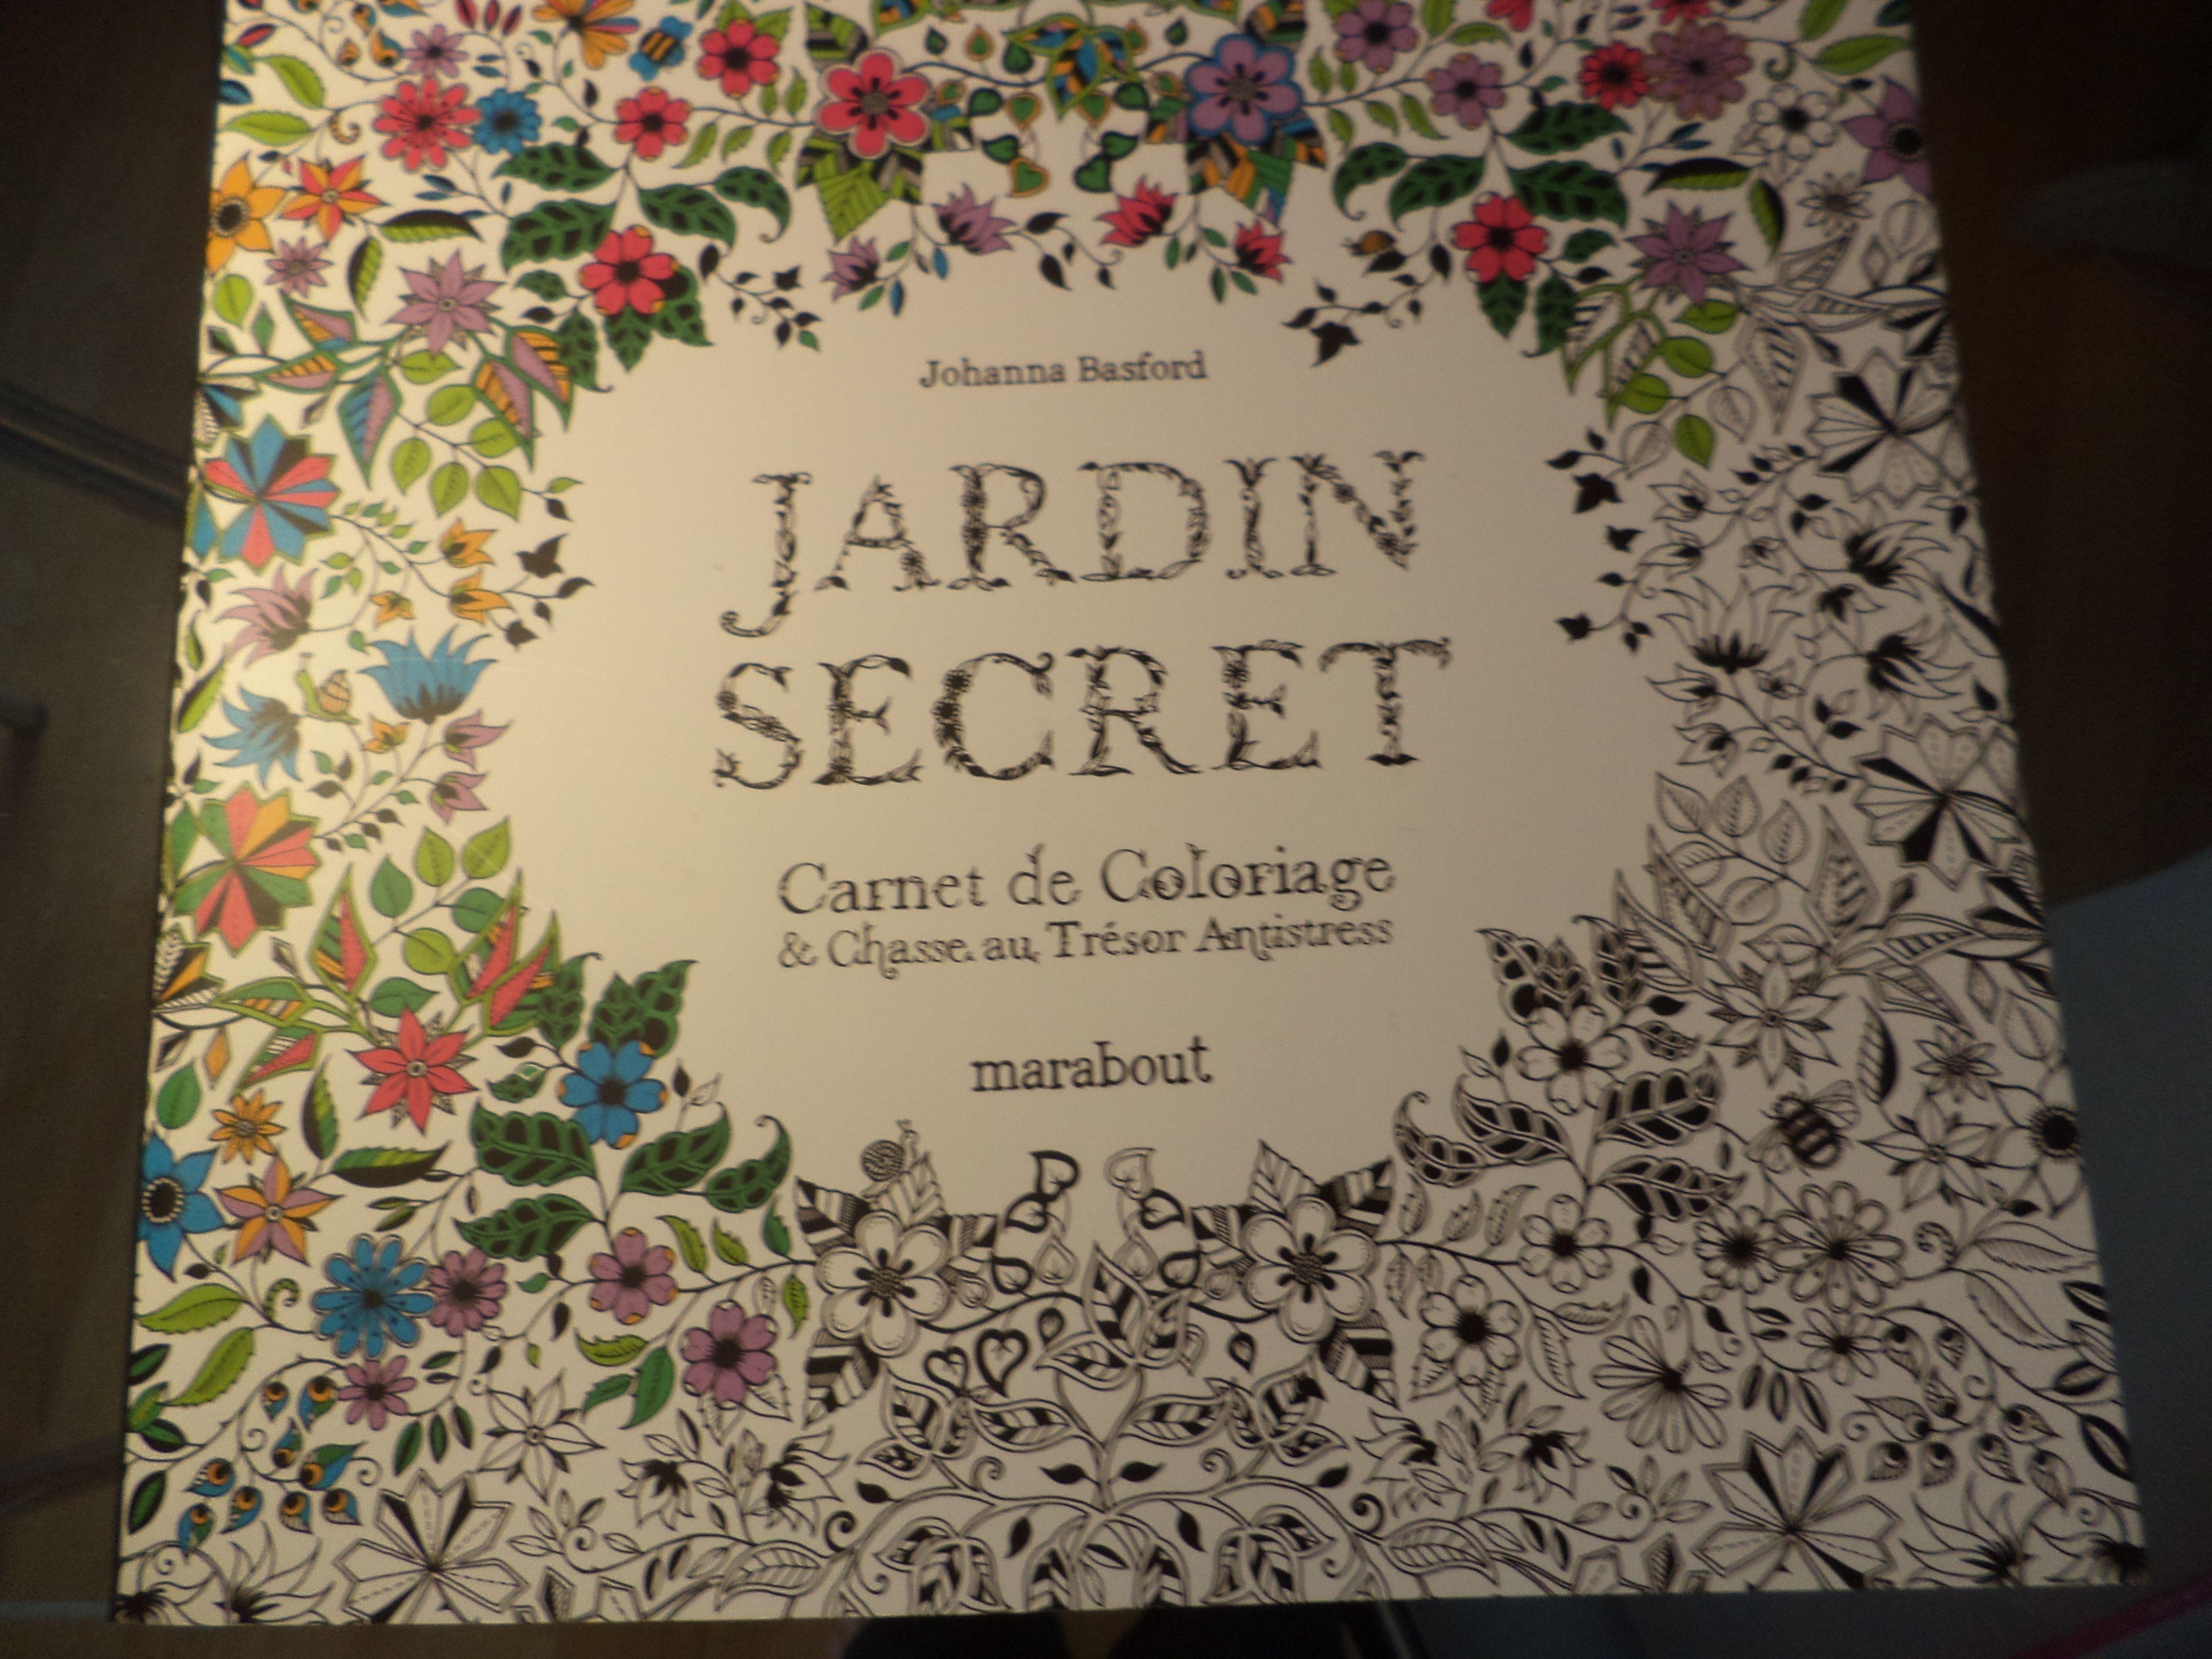 jardin secret | Coloriage anti stress, Johanna basford jardin secret, Coloriage